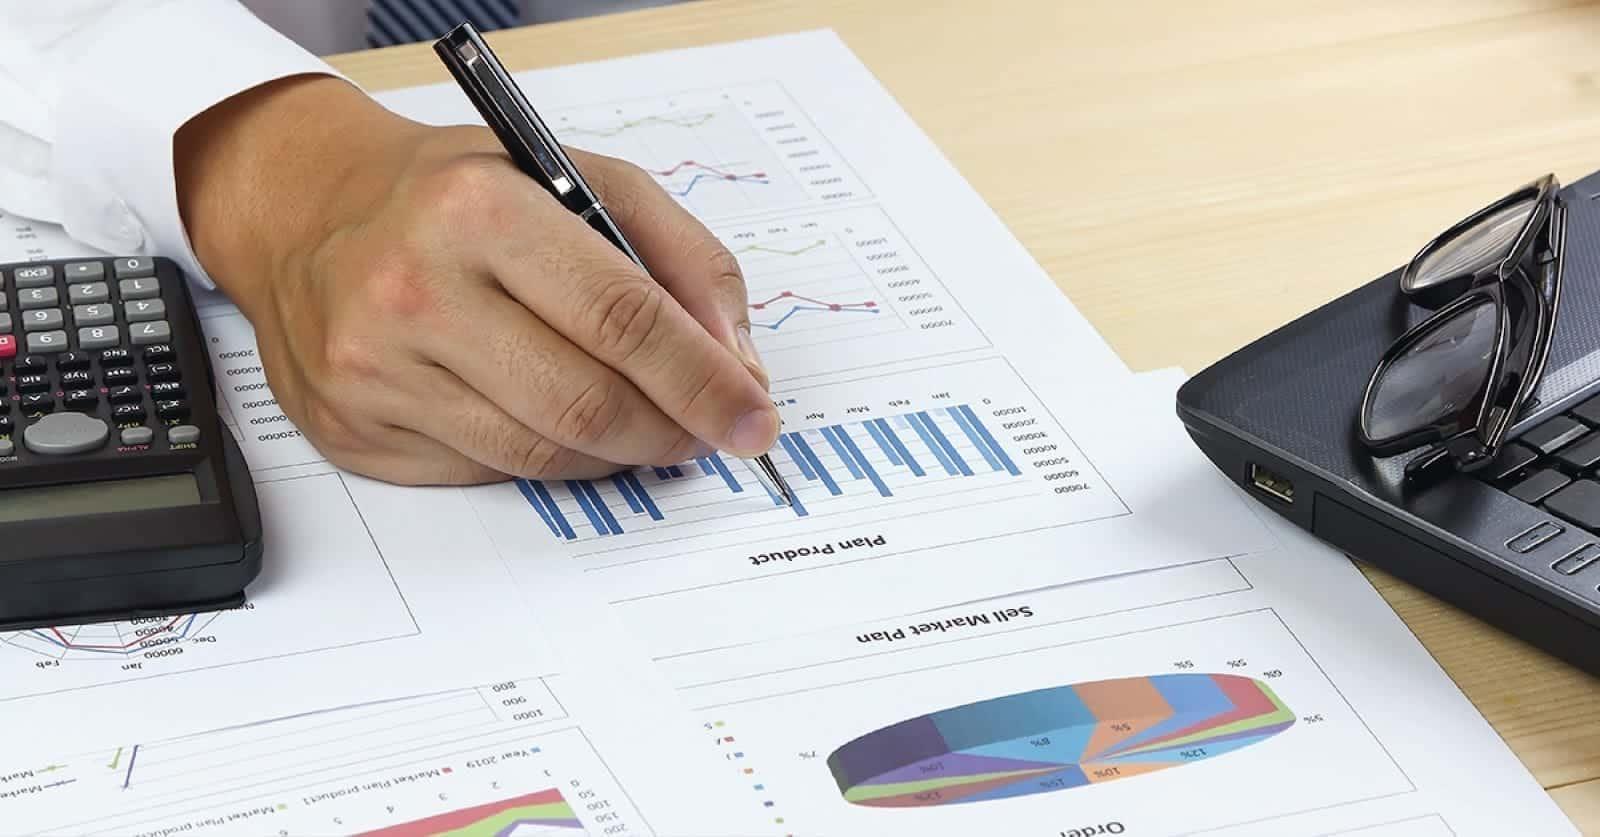 Anggaran Perusahaan: Pengertian, Manfaat, dan Tahapan Pembuatannya